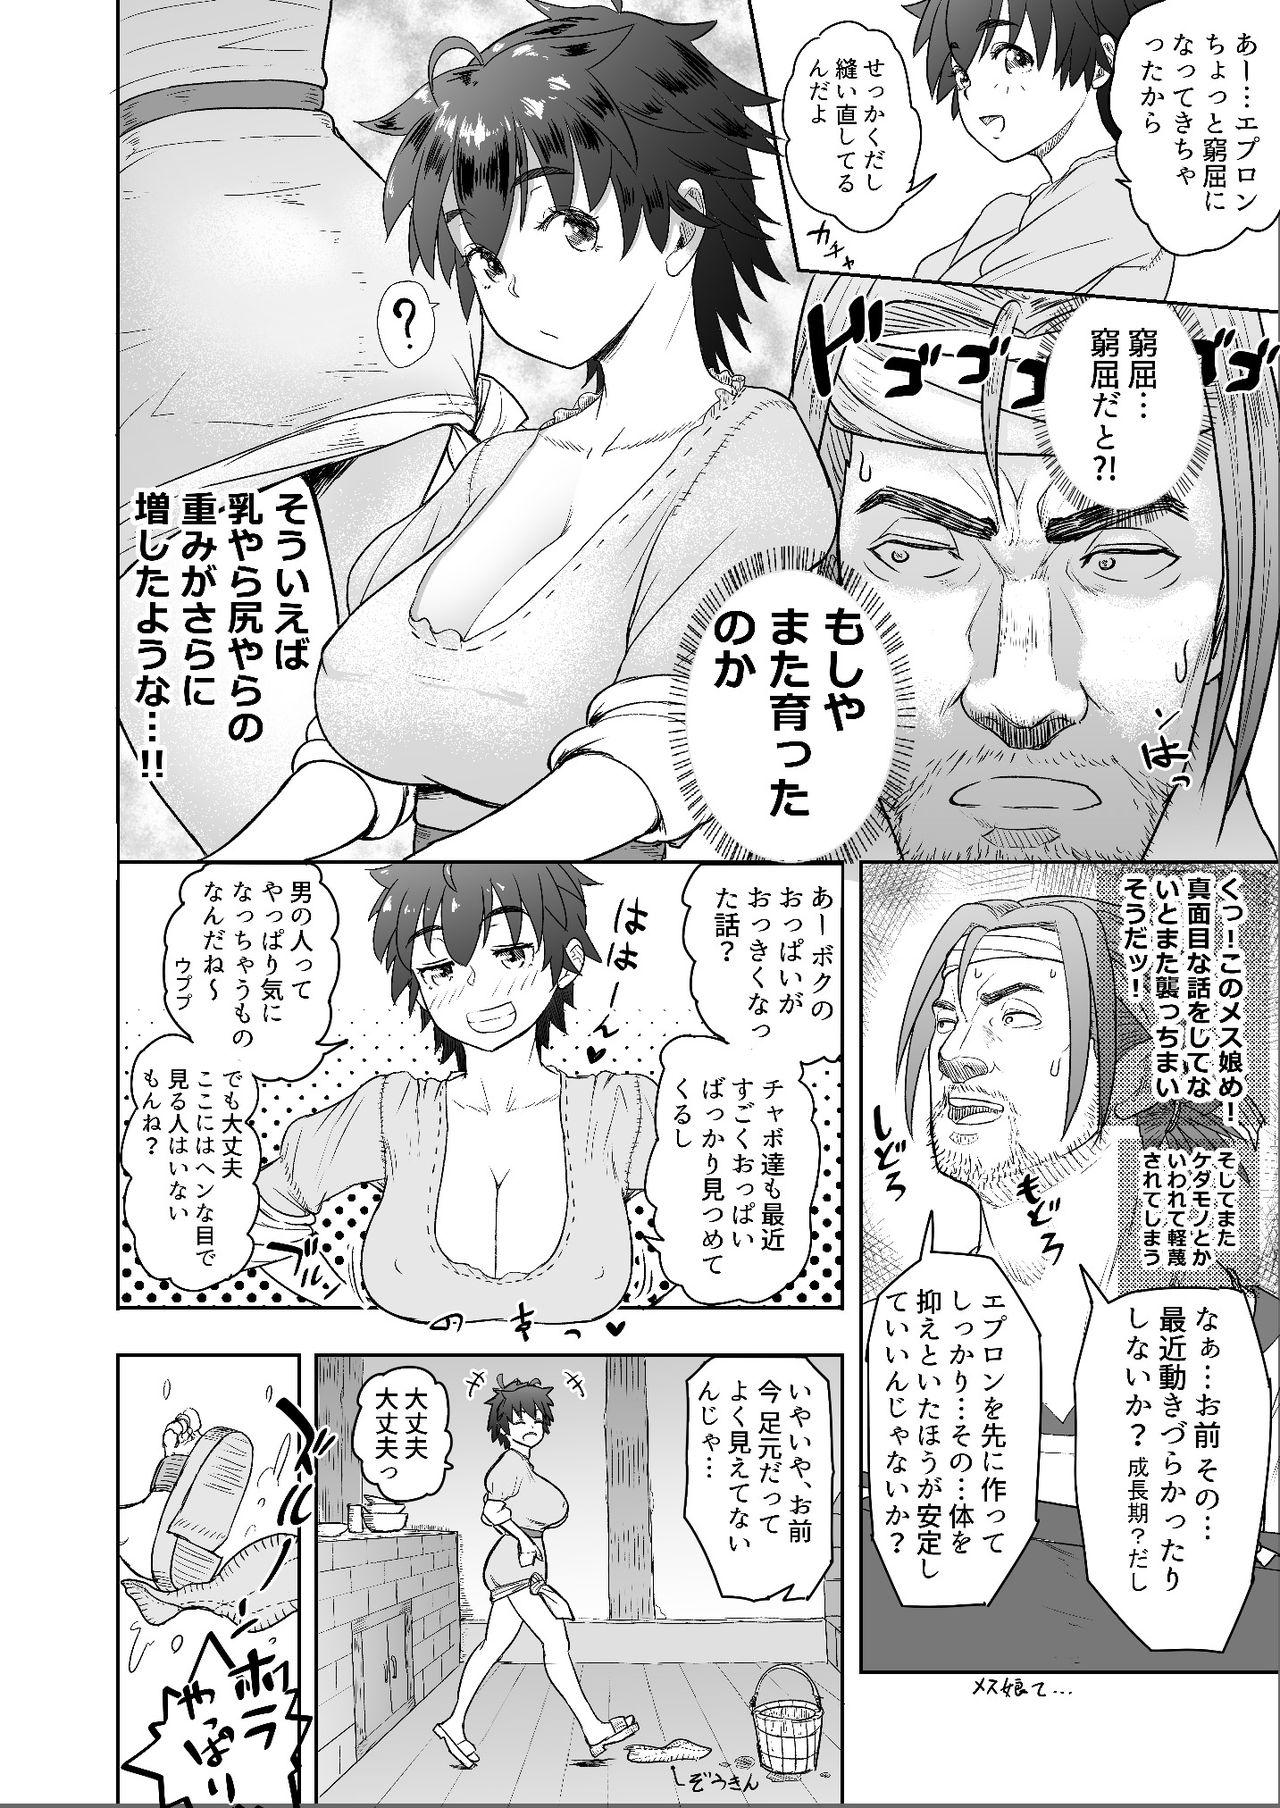 Datte Otoko wa Kedamono da mono! Dai 1.1-wa Yappari Gaman Dekinai Chichi no Juu Yoku 7